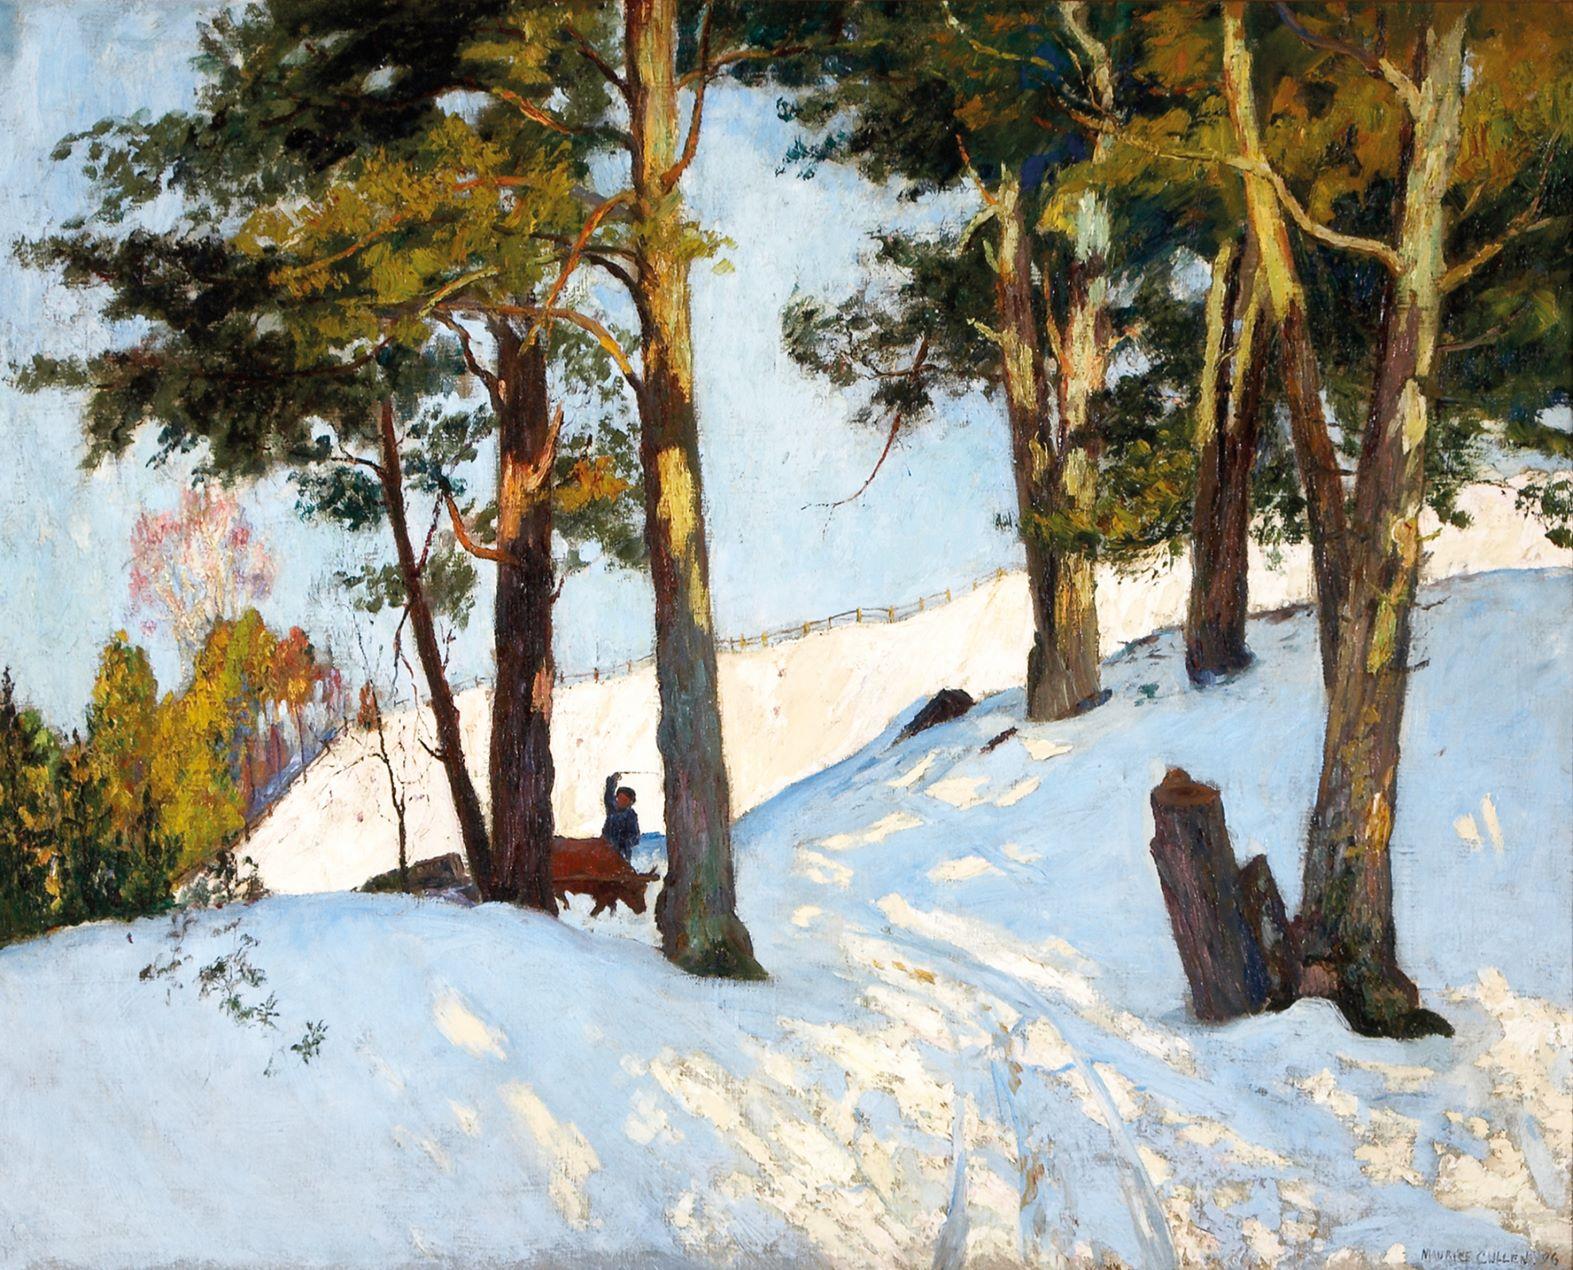 Kanada und der Impressionismus